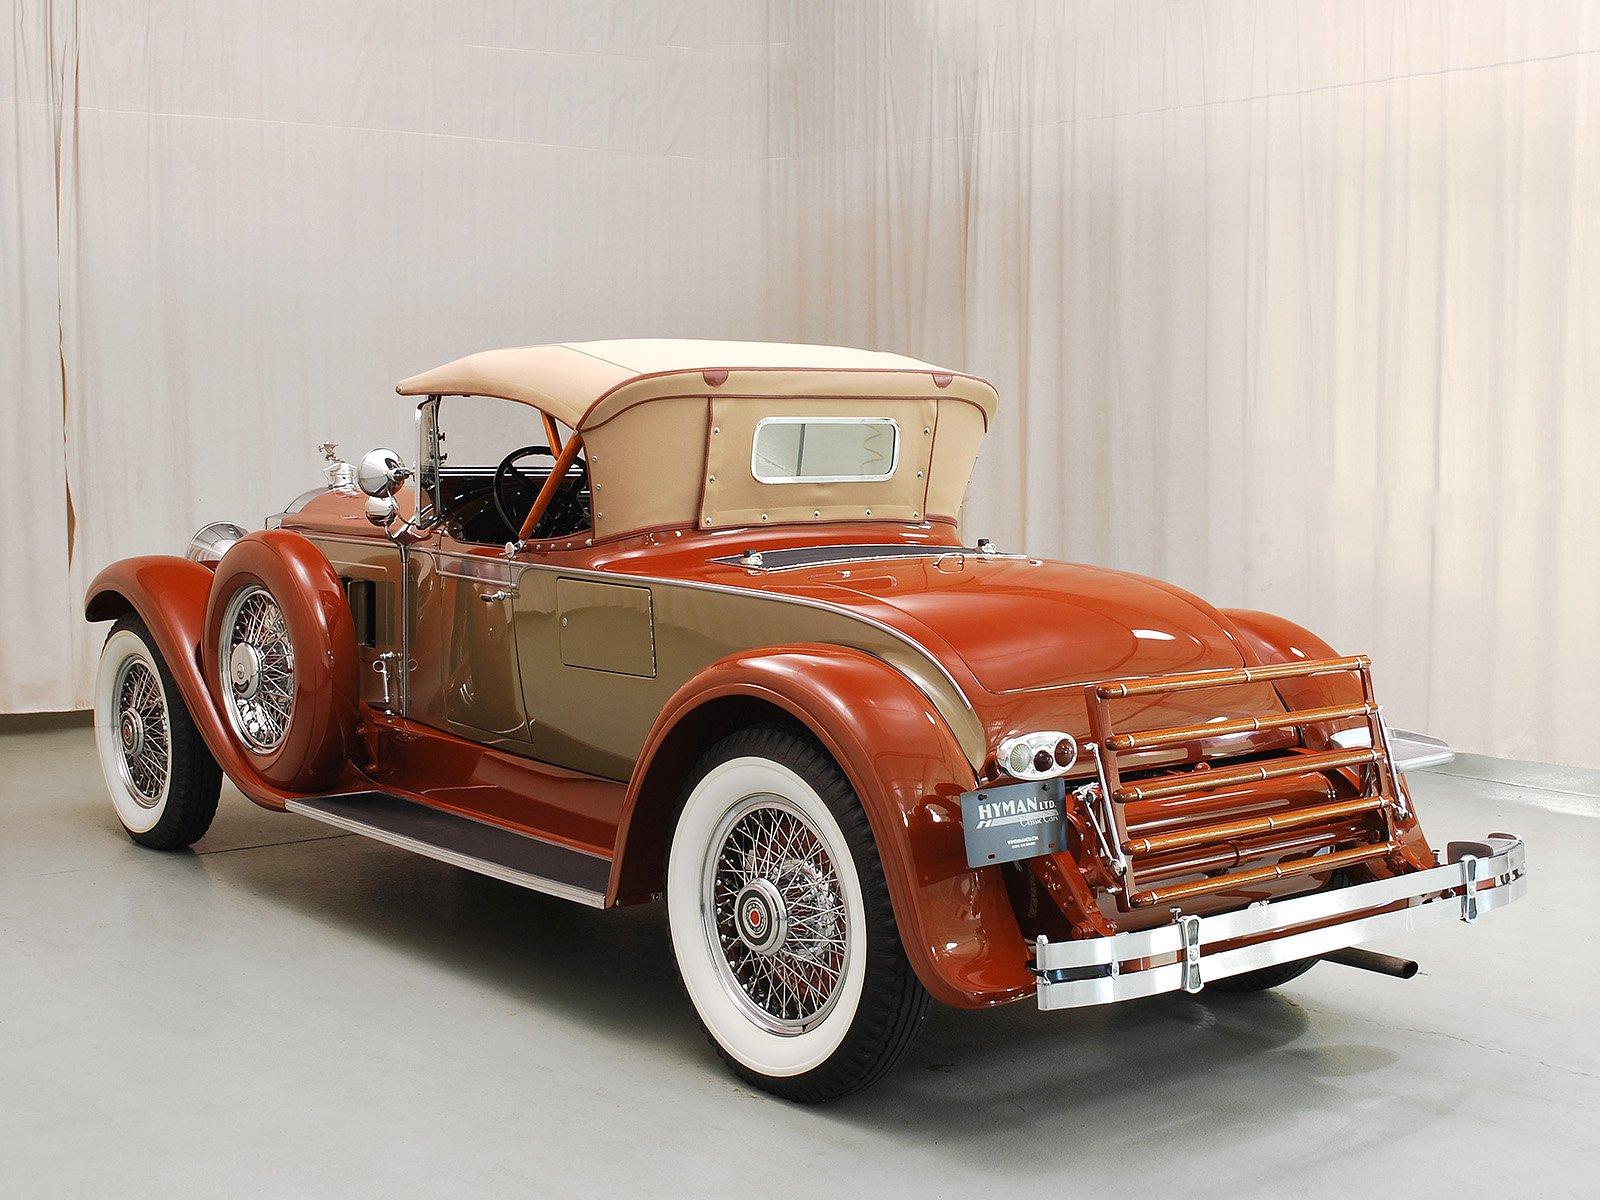 How To Measure Wheel Base >> 1929 Packard 640 Roadster | Hyman Ltd.